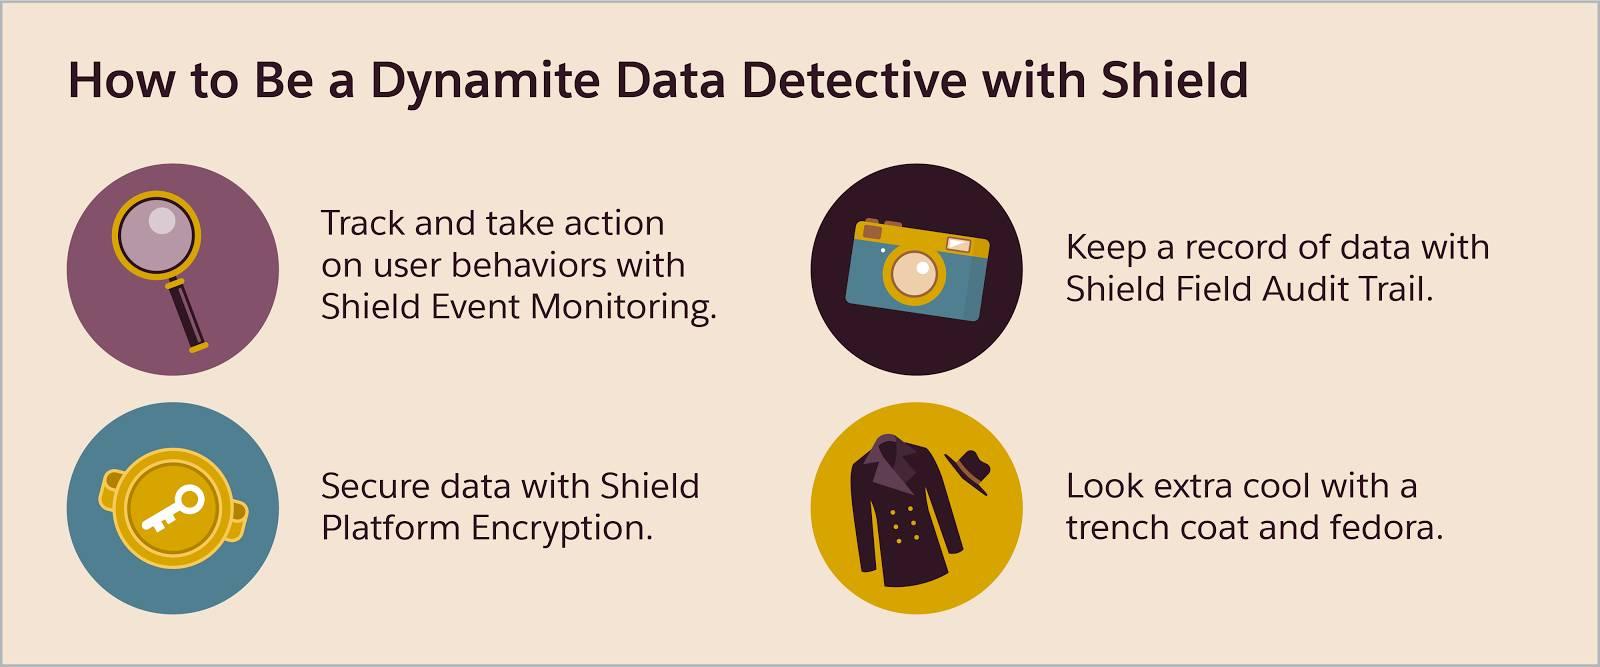 So werden Sie mit Shield zu einem Spitzendatendetektiv: Verfolgen Sie das Benutzerverhalten mit der Shield-Ereignisüberwachung und ergreifen Sie Maßnahmen, schützen Sie Daten mit der Shield-Plattformverschlüsselung, bewahren Sie eine Aufzeichnung von Daten mit dem Shield-Feld-Aktivierungsprotokoll auf und treten Sie mit Trenchcoat und Filzhut besonders cool auf.